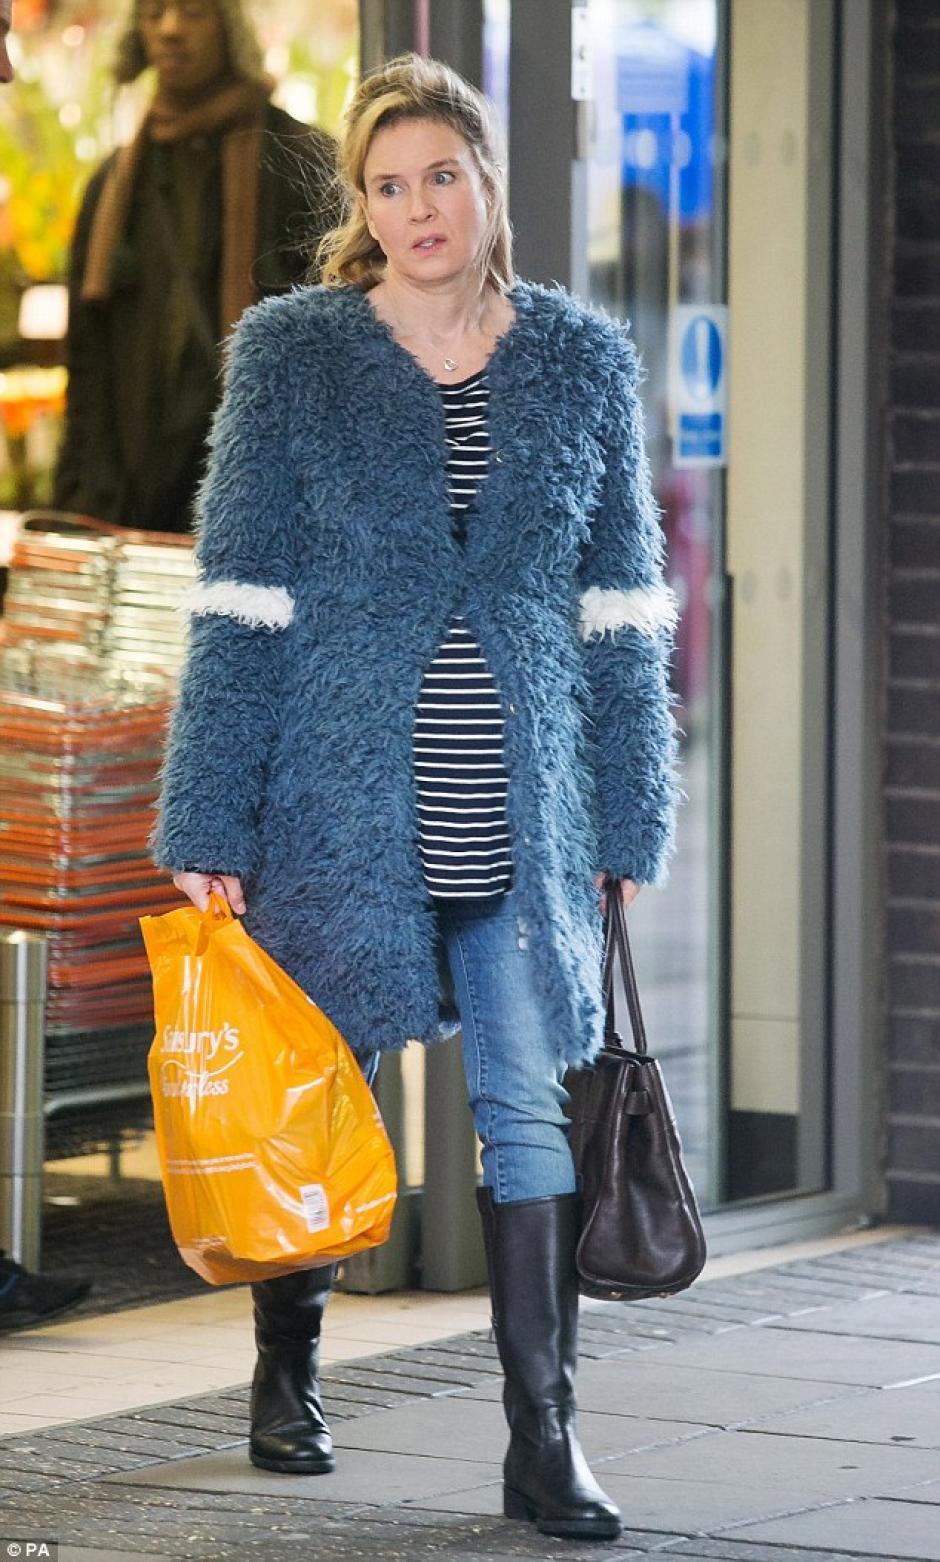 La actriz acaba de estrenar su próxima película de Bridget Jones. (Foto: Dailymail)